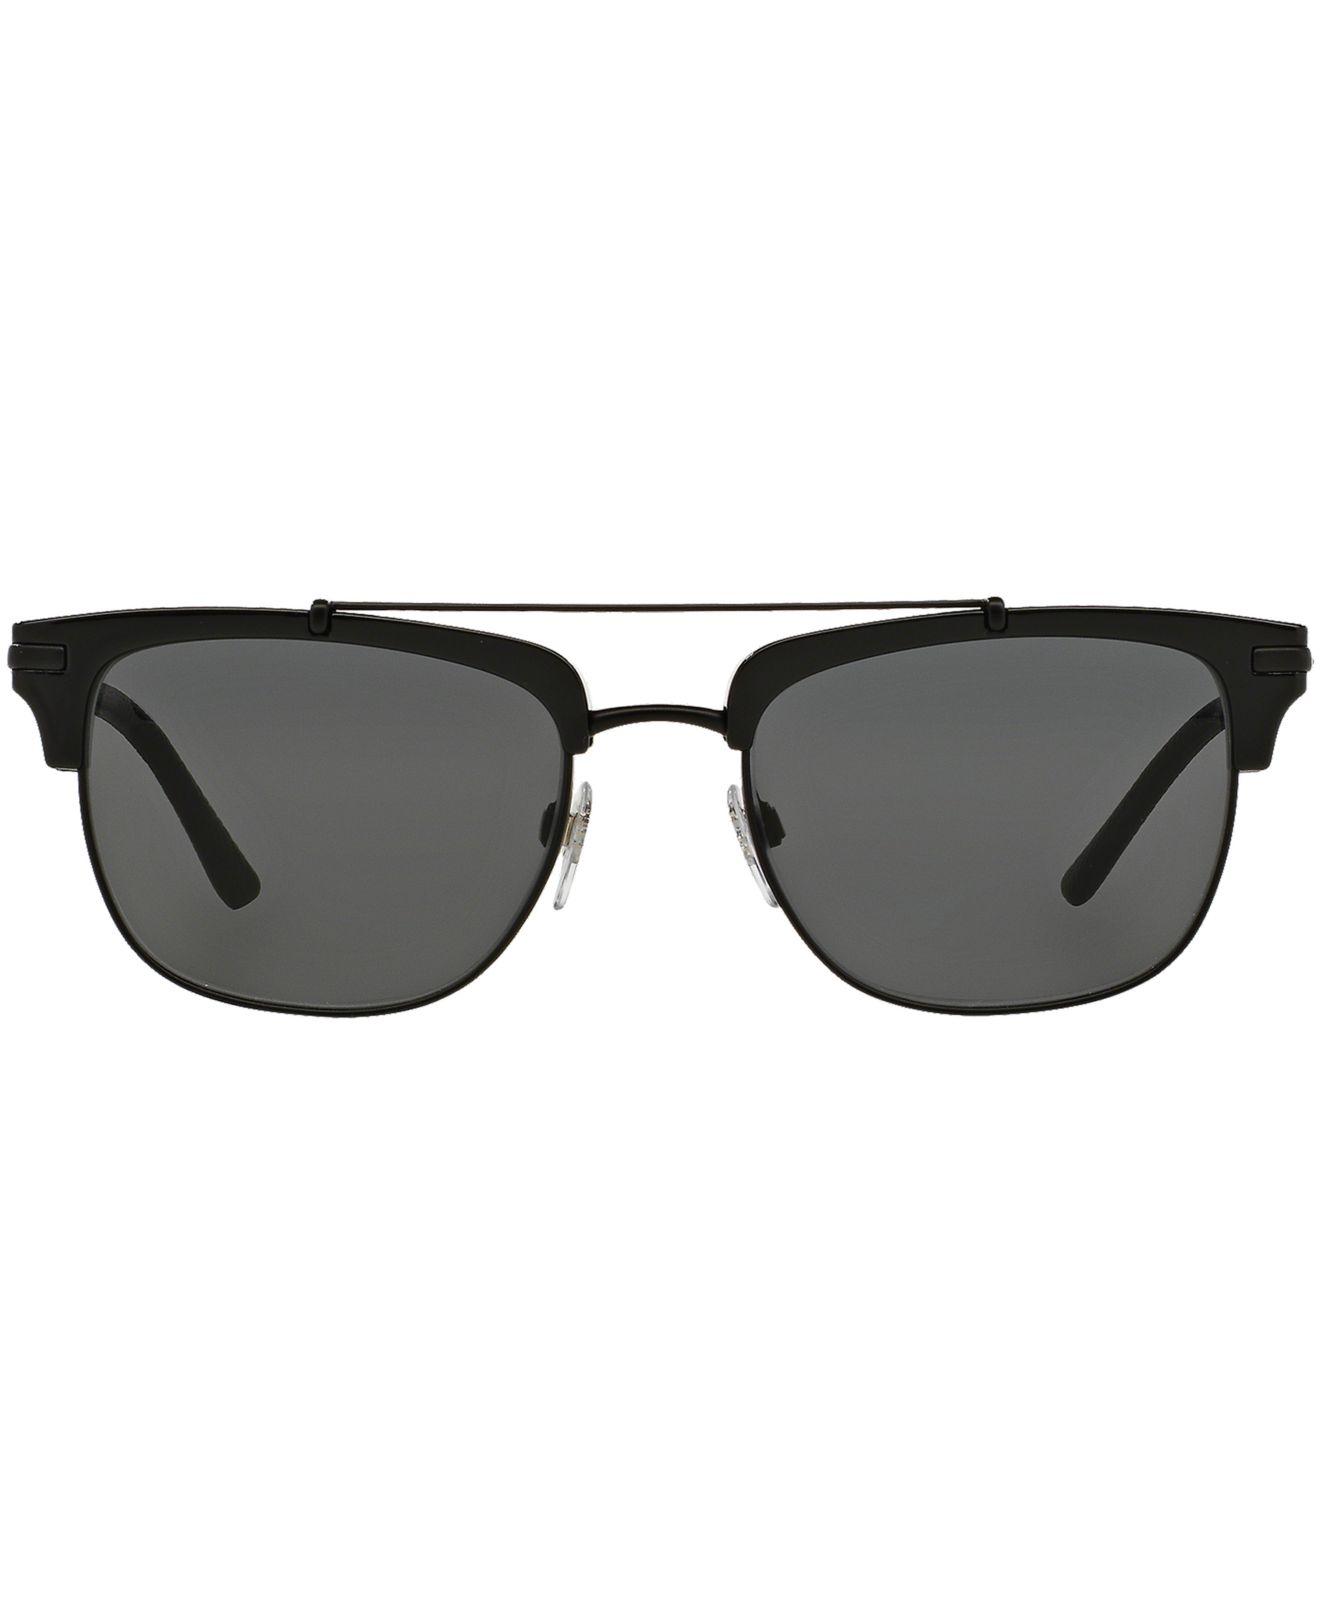 f2c83b556a Lyst - Burberry Sunglasses